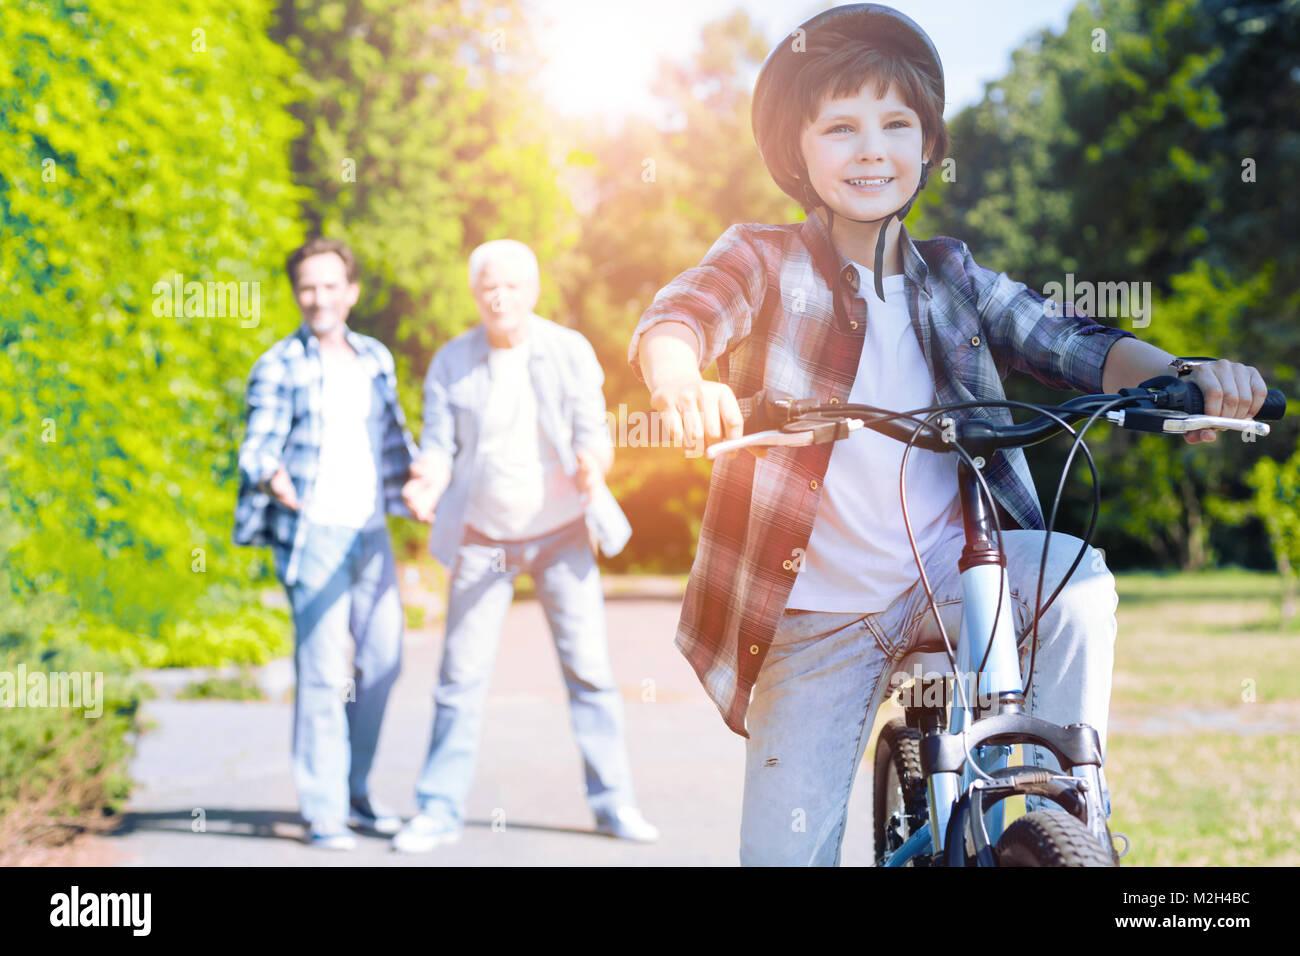 Kinder lernen Fahrrad im Freien zu reiten begeistert Stockfoto